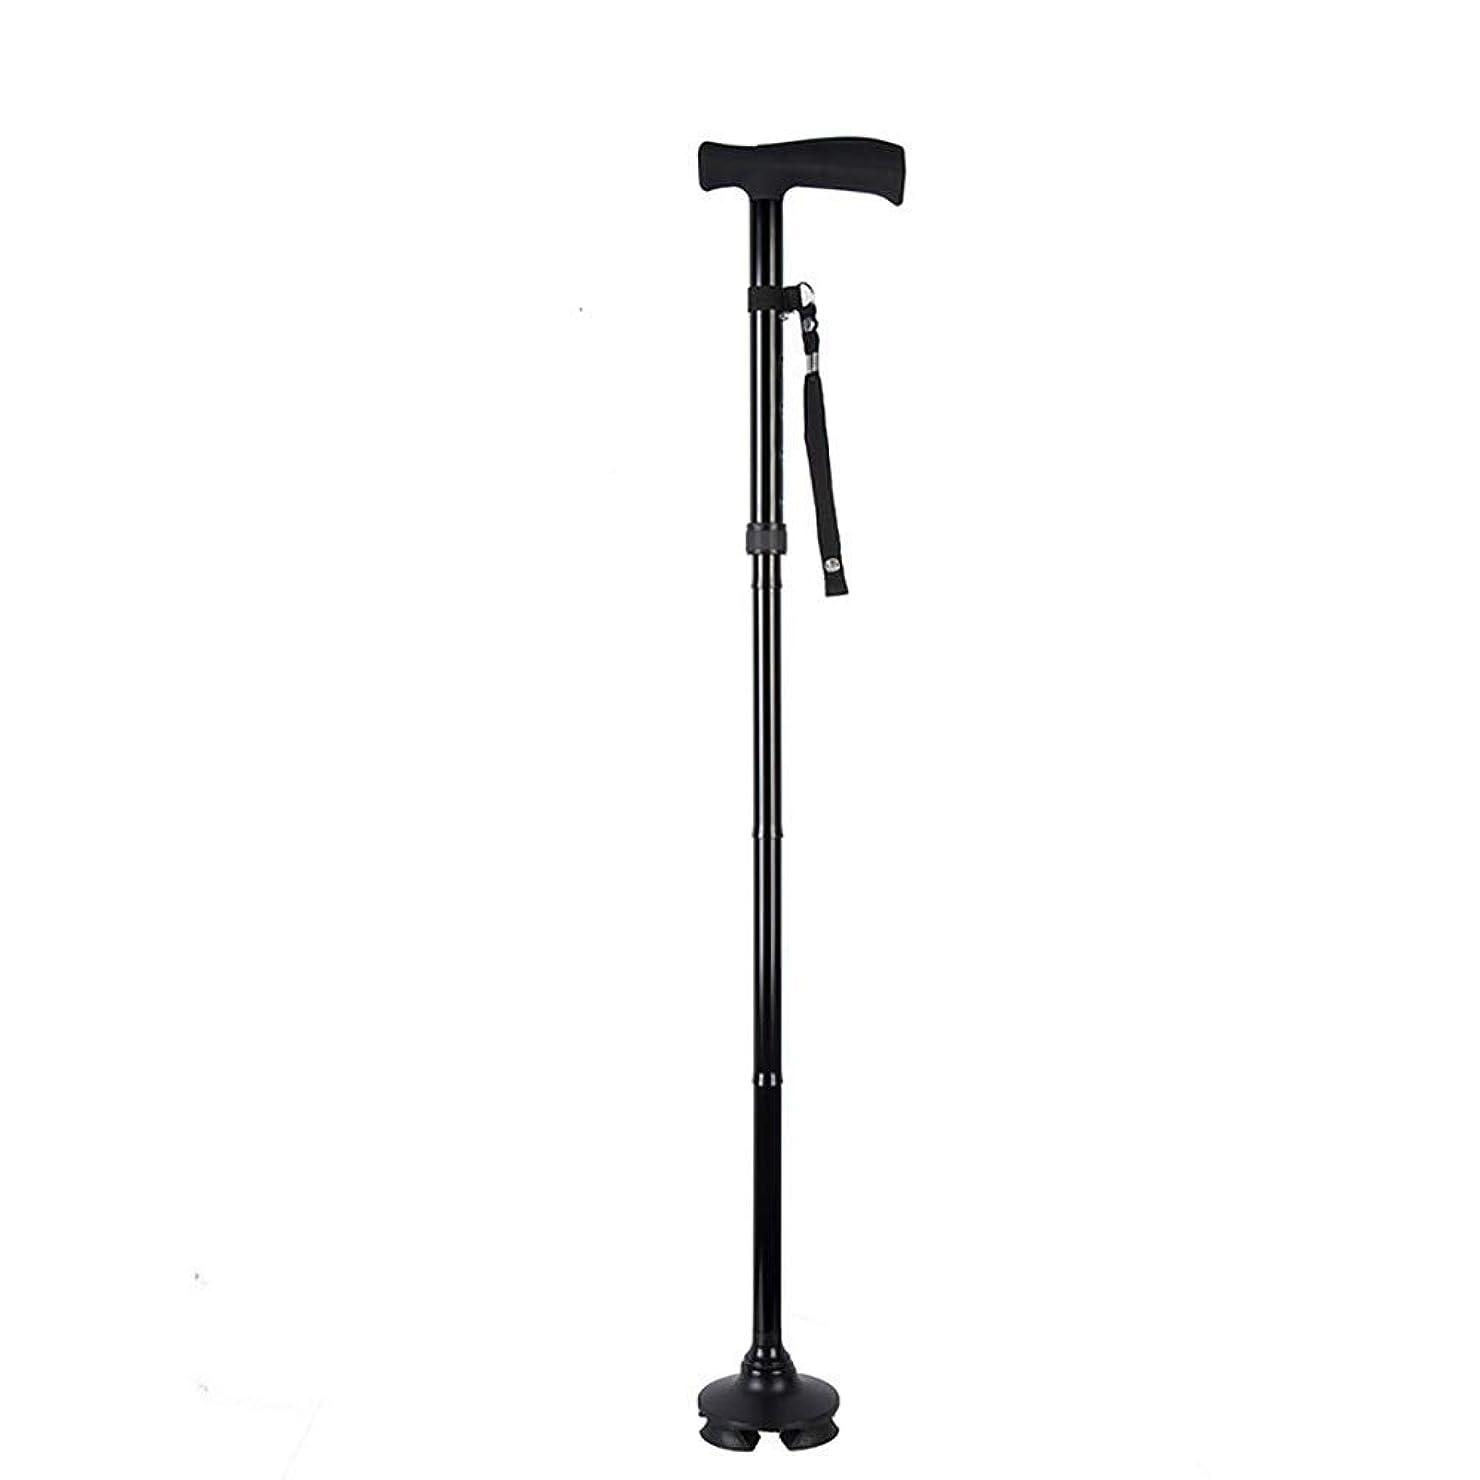 コモランマラショナル我慢する折りたたみ式杖、松葉杖アルミ合金ノンスリップ4コーナータンブラー古いノンスリップハンドル